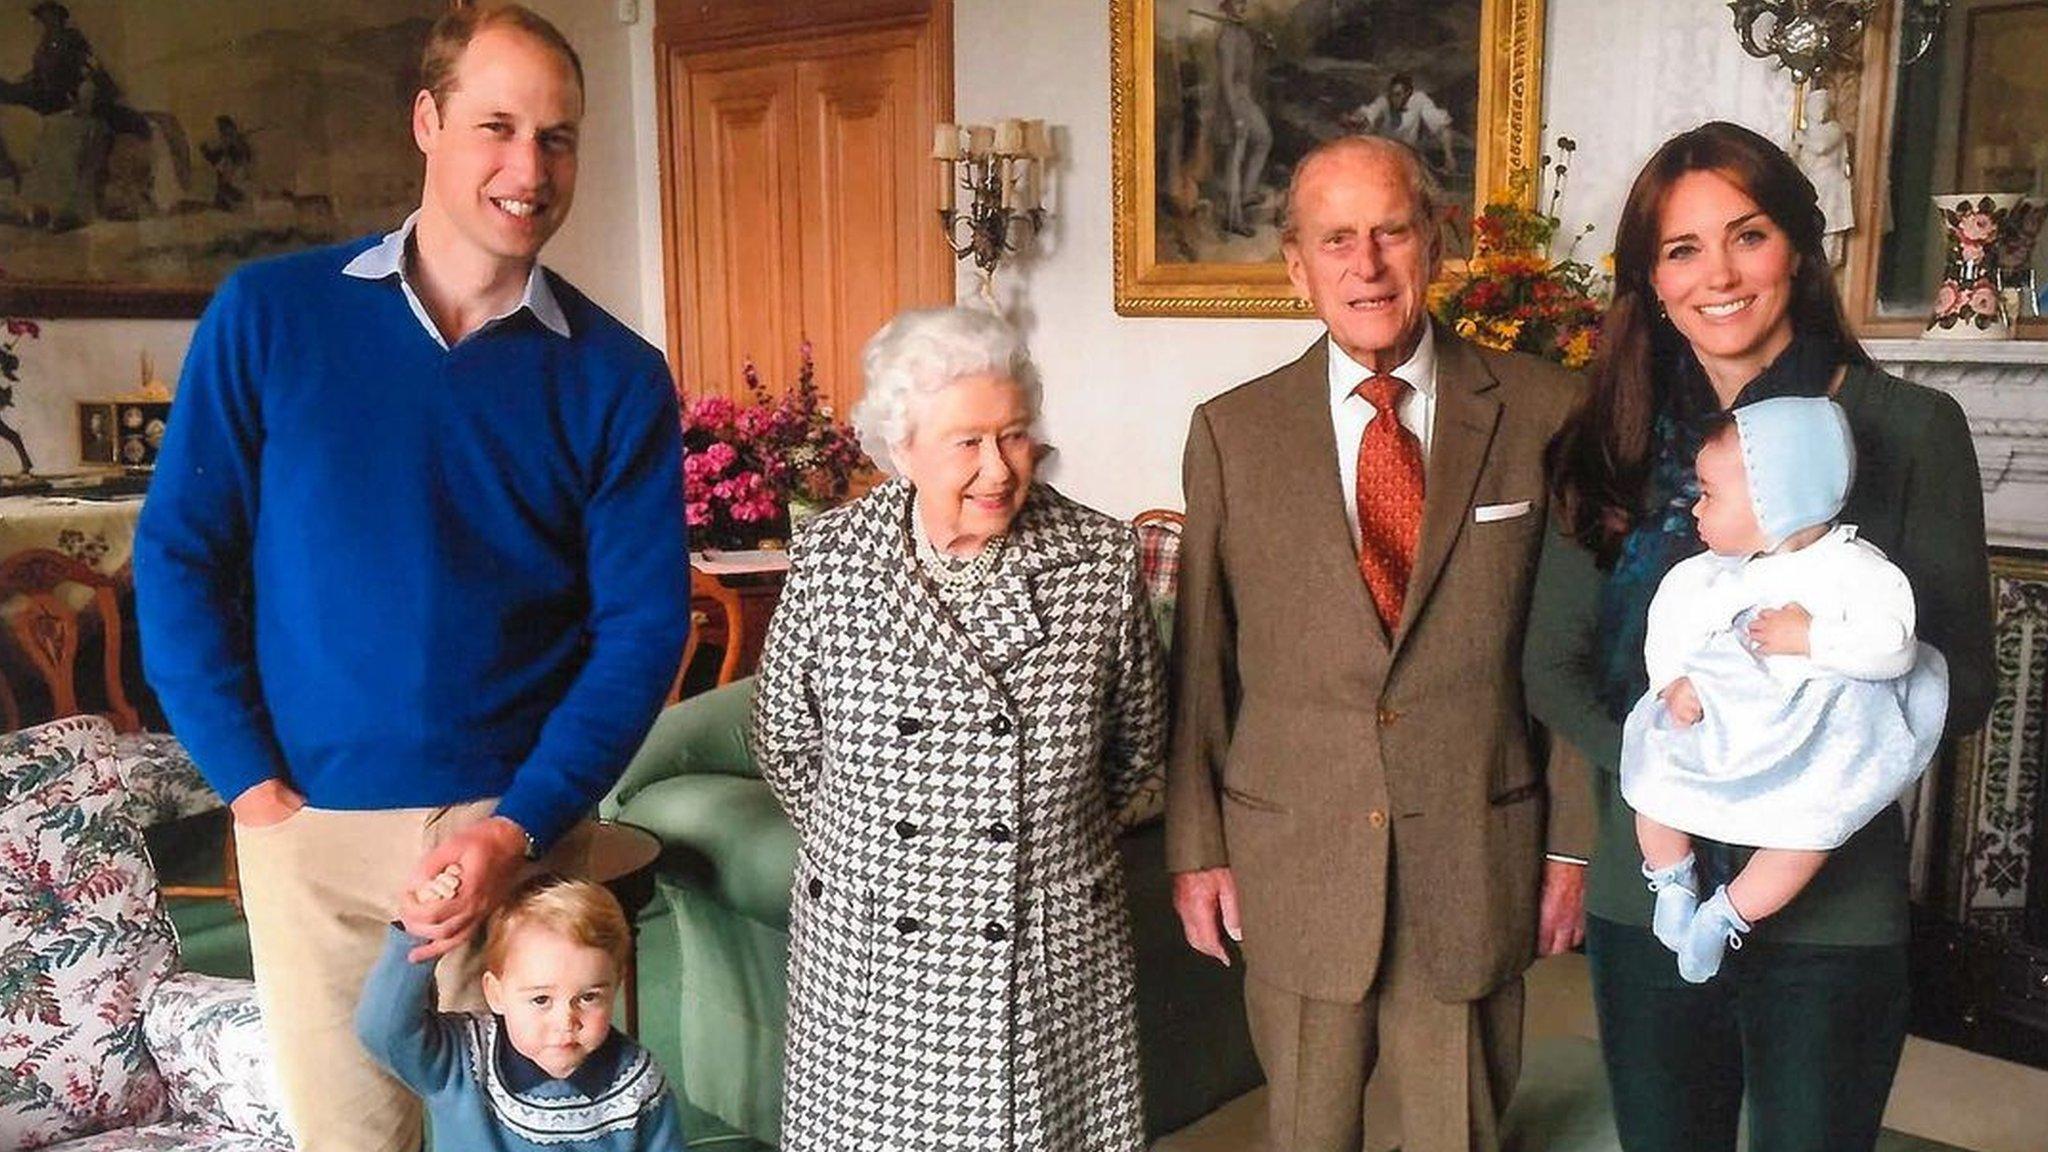 الملكة إليزابيث ودوق إدنبره في قصر بالمورال في اسكتلندا في عام 2015 ومعهما دوق ودوقة كامبريدج وابنهما البكر الأمير جورج